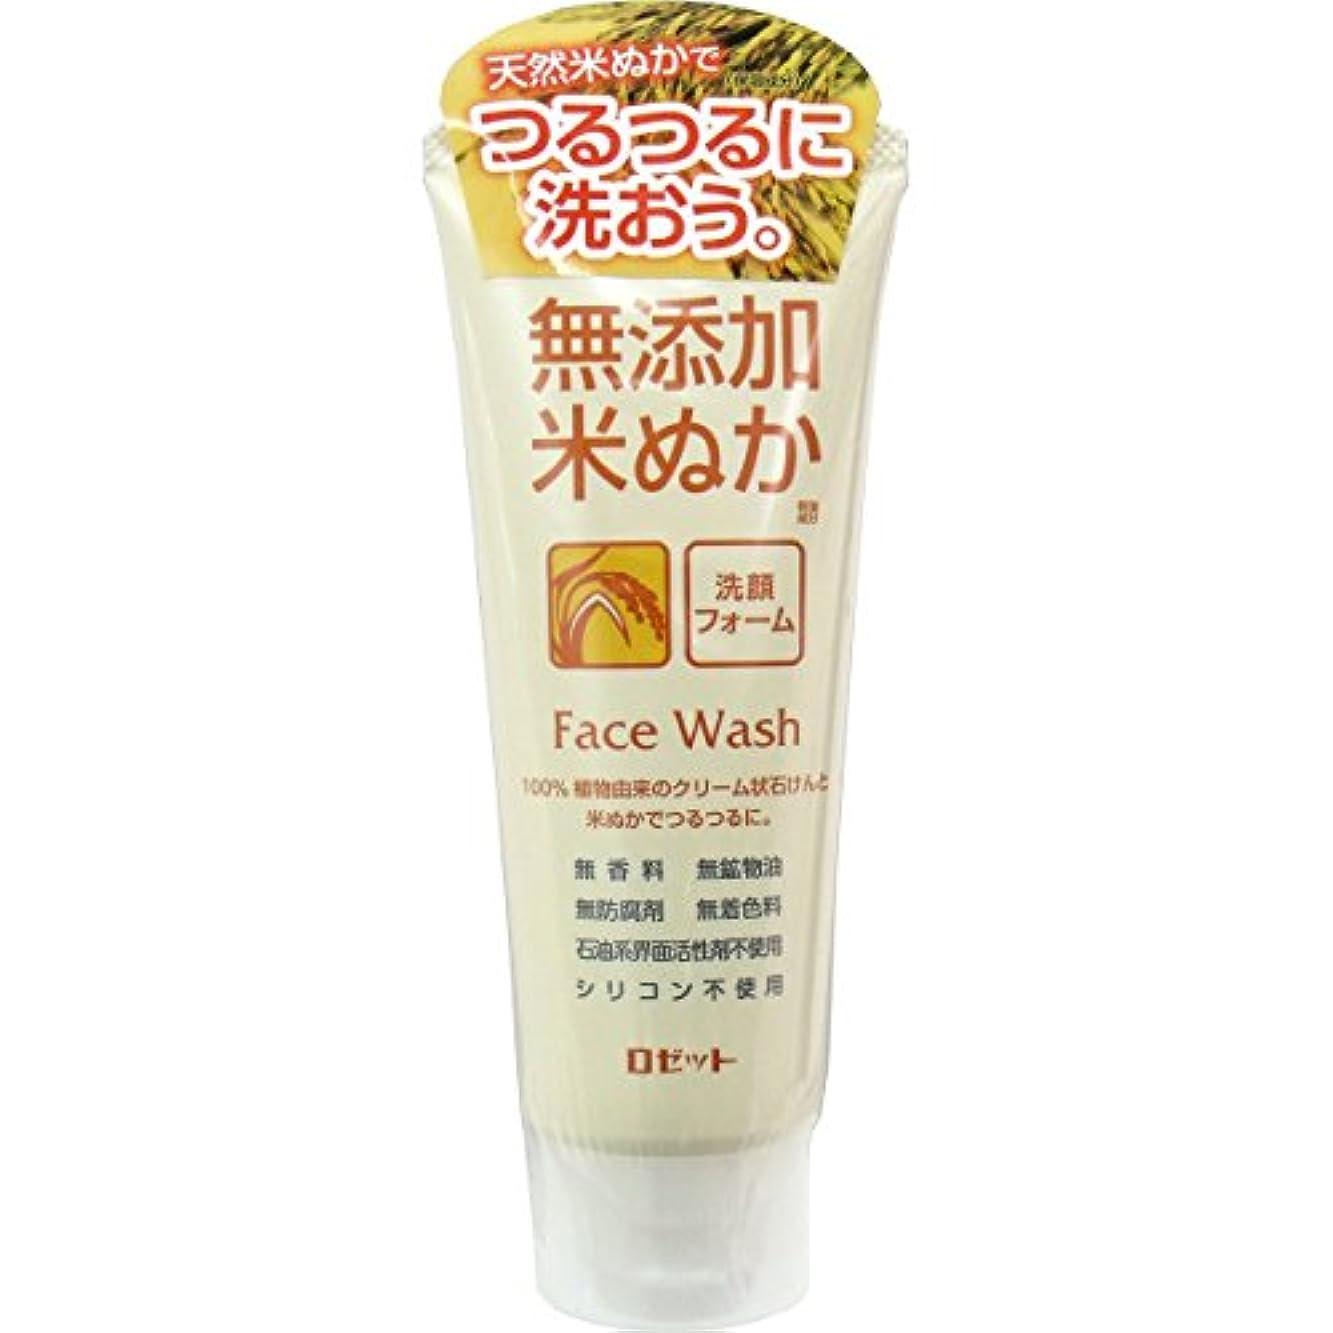 漫画無法者提案【ロゼット】無添加米ぬか洗顔フォーム 140g ×10個セット